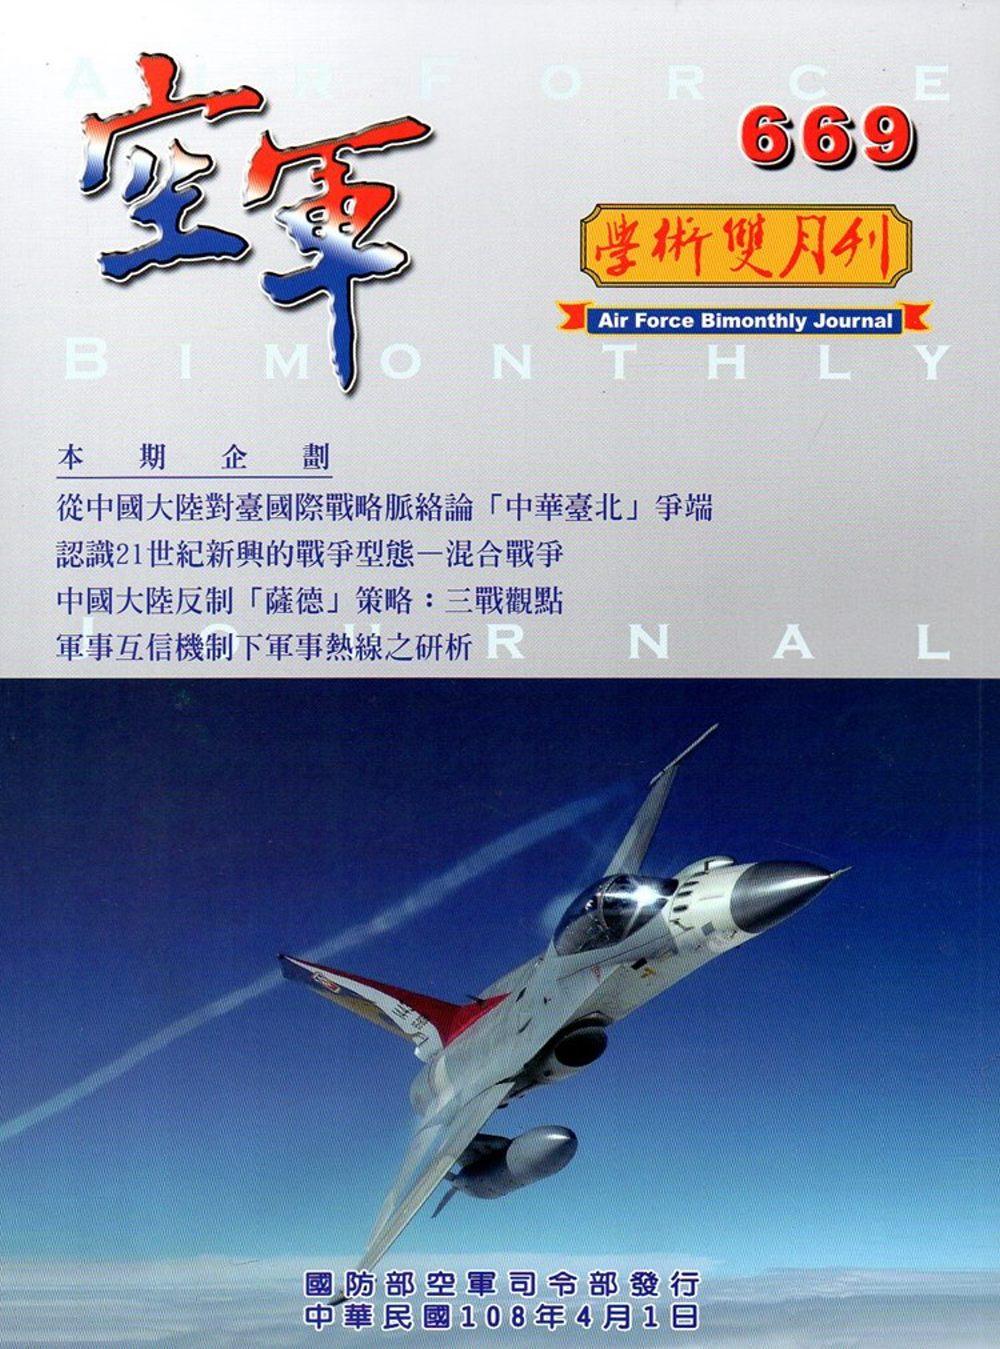 空軍學術雙月刊669(108/04)